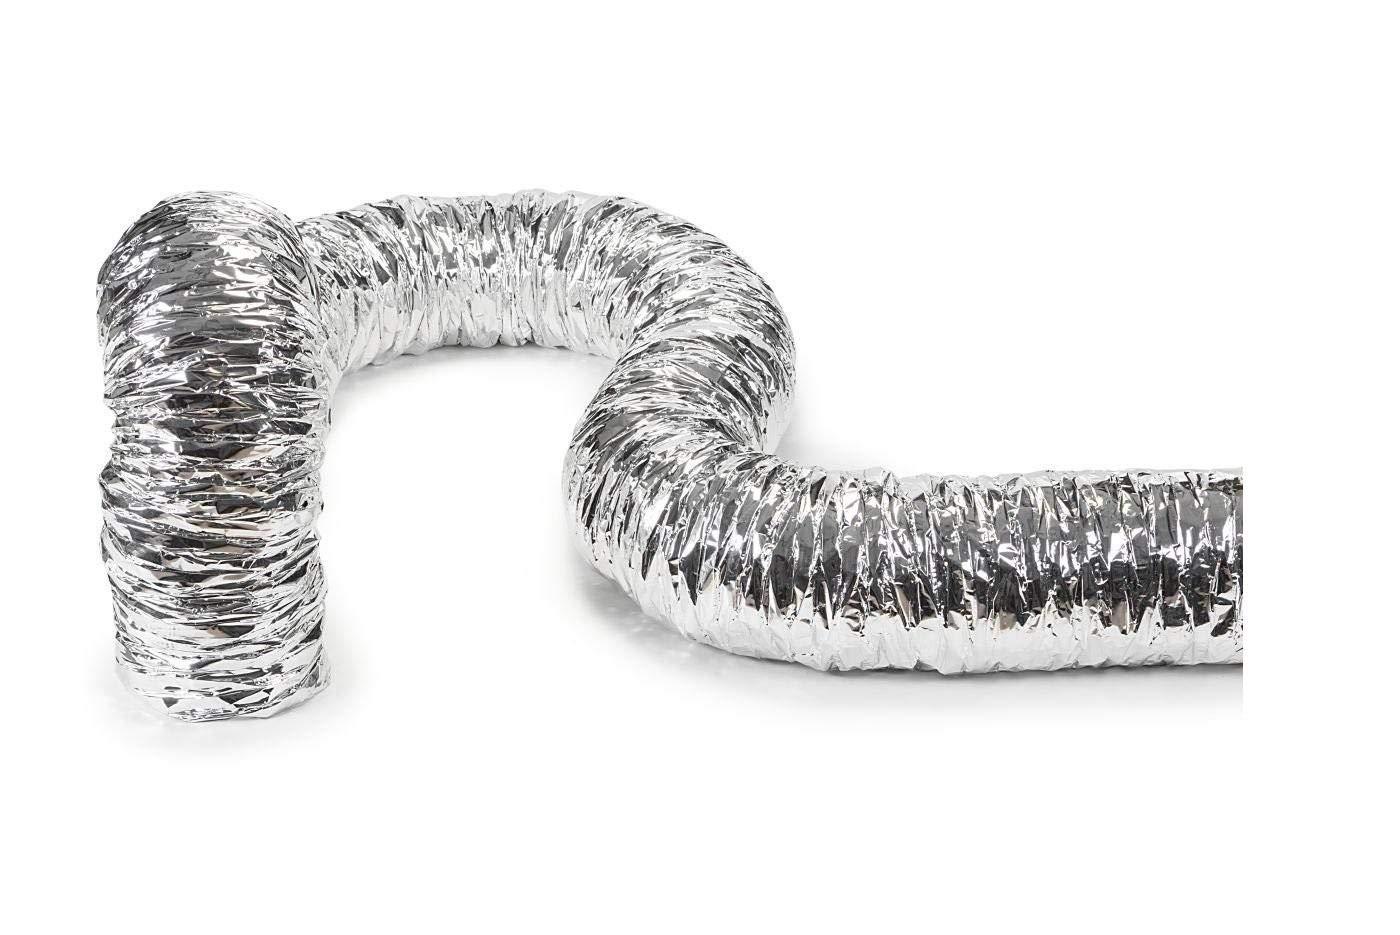 Tubo Flessibile Alluminio Isolato Afonico per Aria Calda Fredda VMC 10 metri DN 203